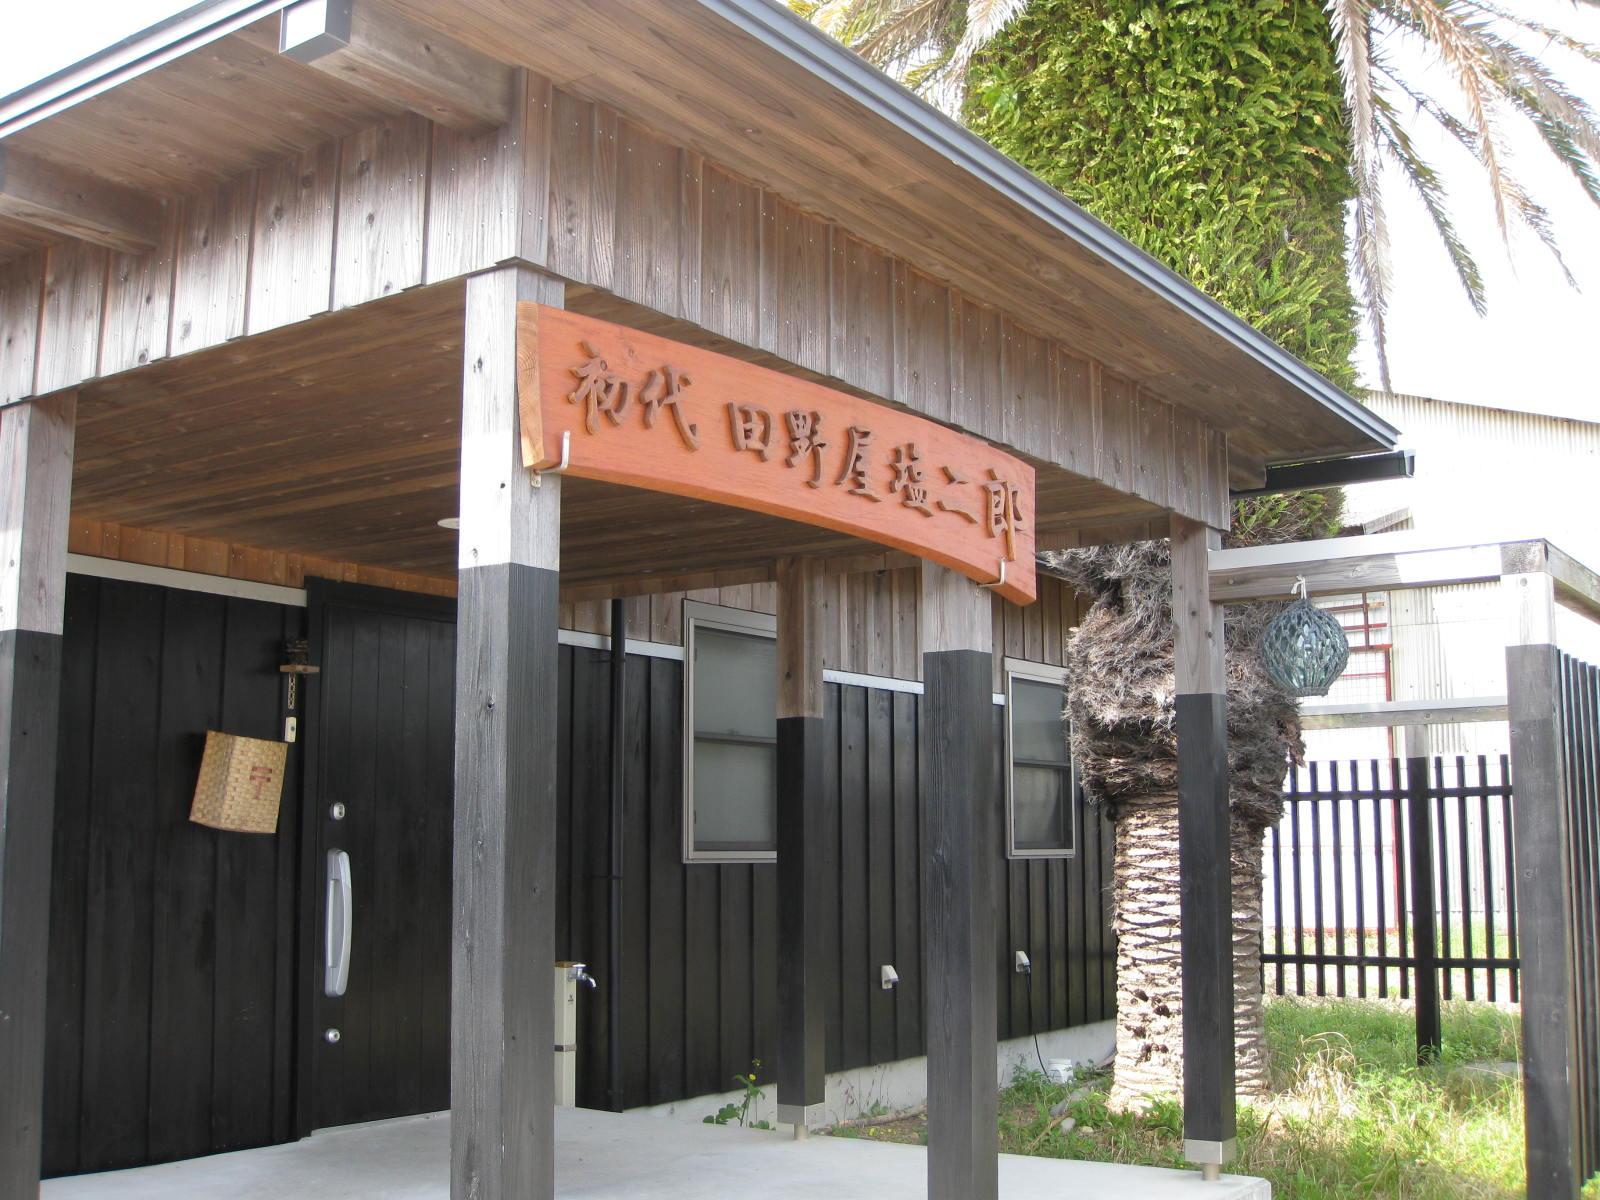 「田野屋塩二郎」の画像検索結果